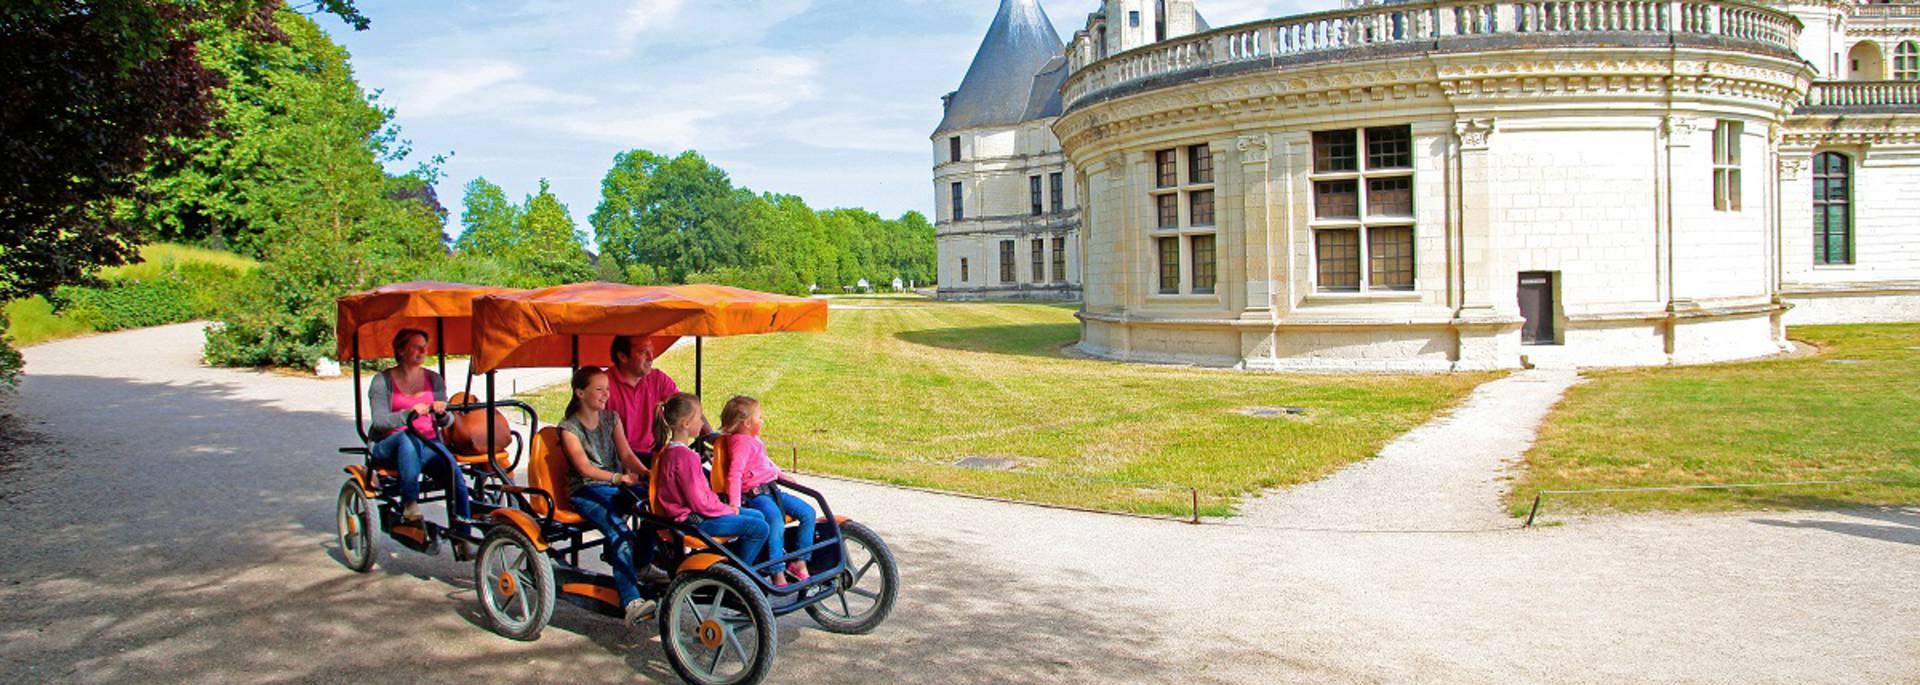 Visite de Chambord en famille